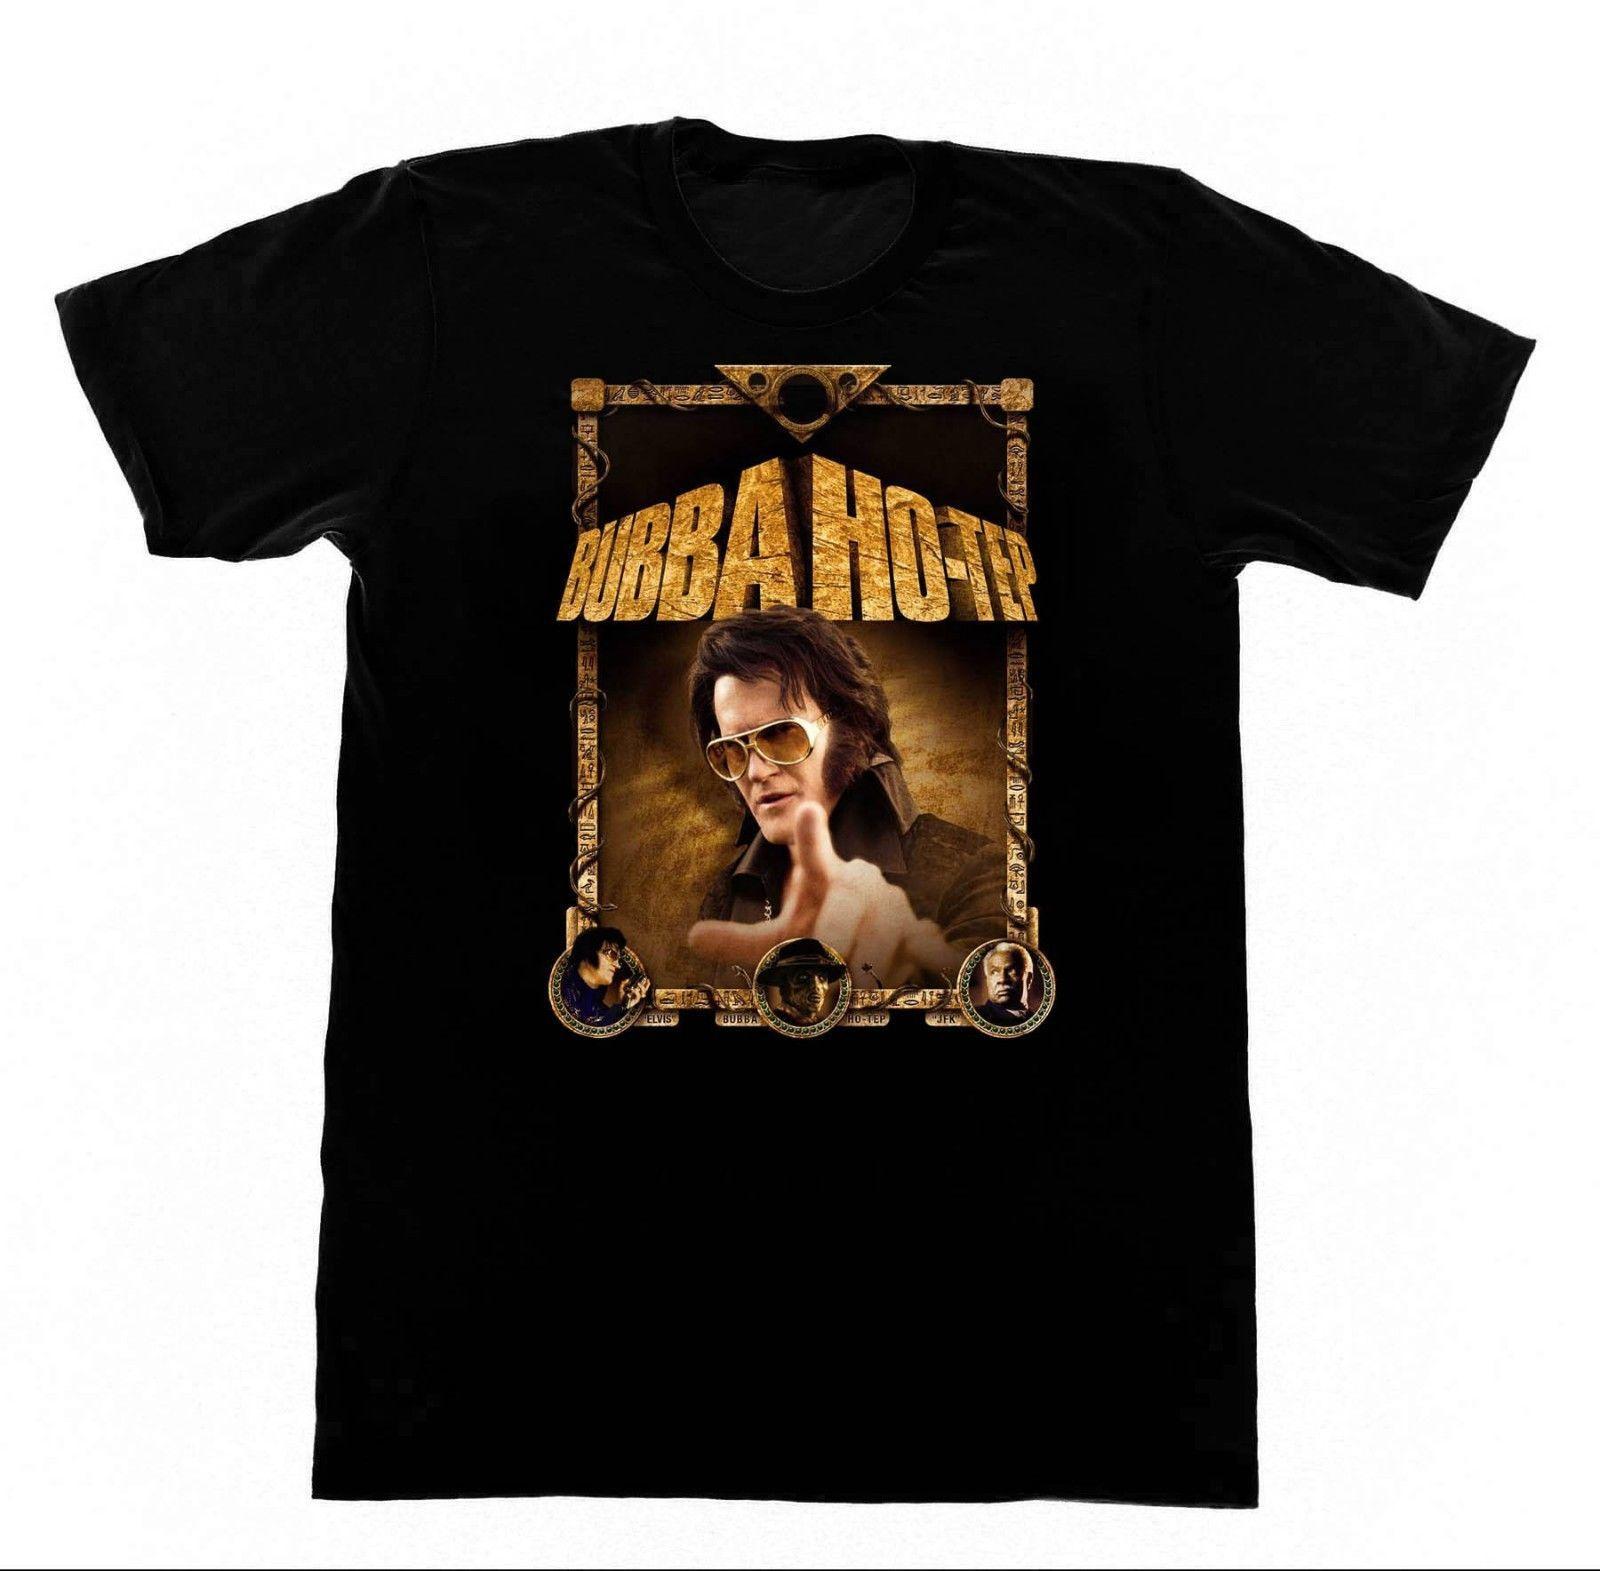 Bubba Ho - Tep T Shirt 91 T-shirt Hotep Bruce Campbell Evil Mort Armée Des Ténèbres À Manches Courtes Nouveau T-shirt De Mode Hommes Vêtements